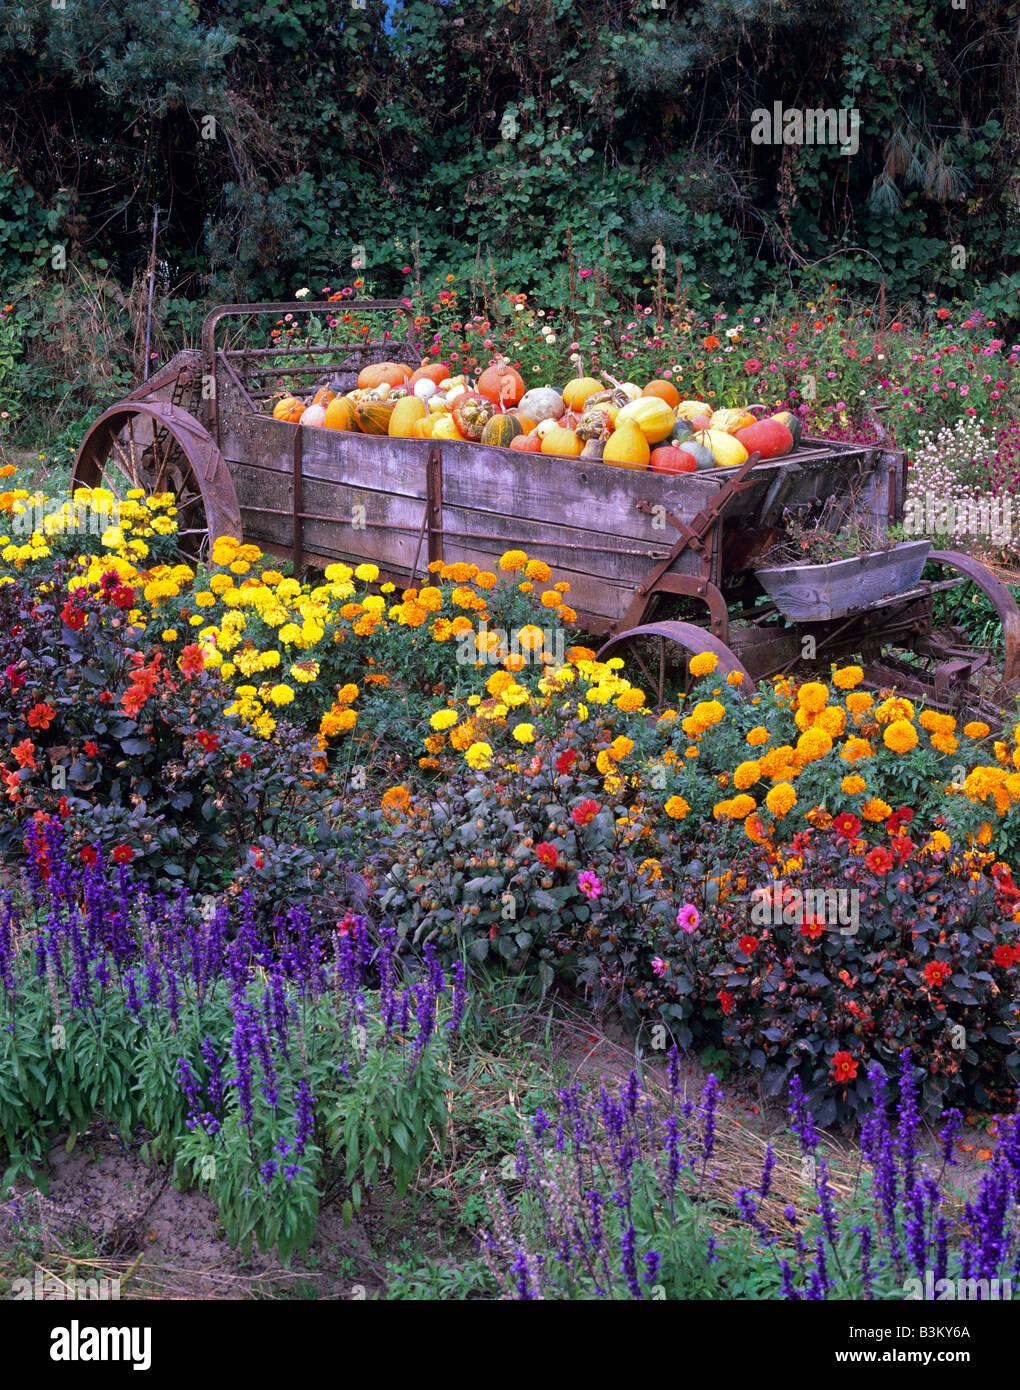 Gords In Wagon In Flower Garden At Herricks Garden Near Springfield Oregon